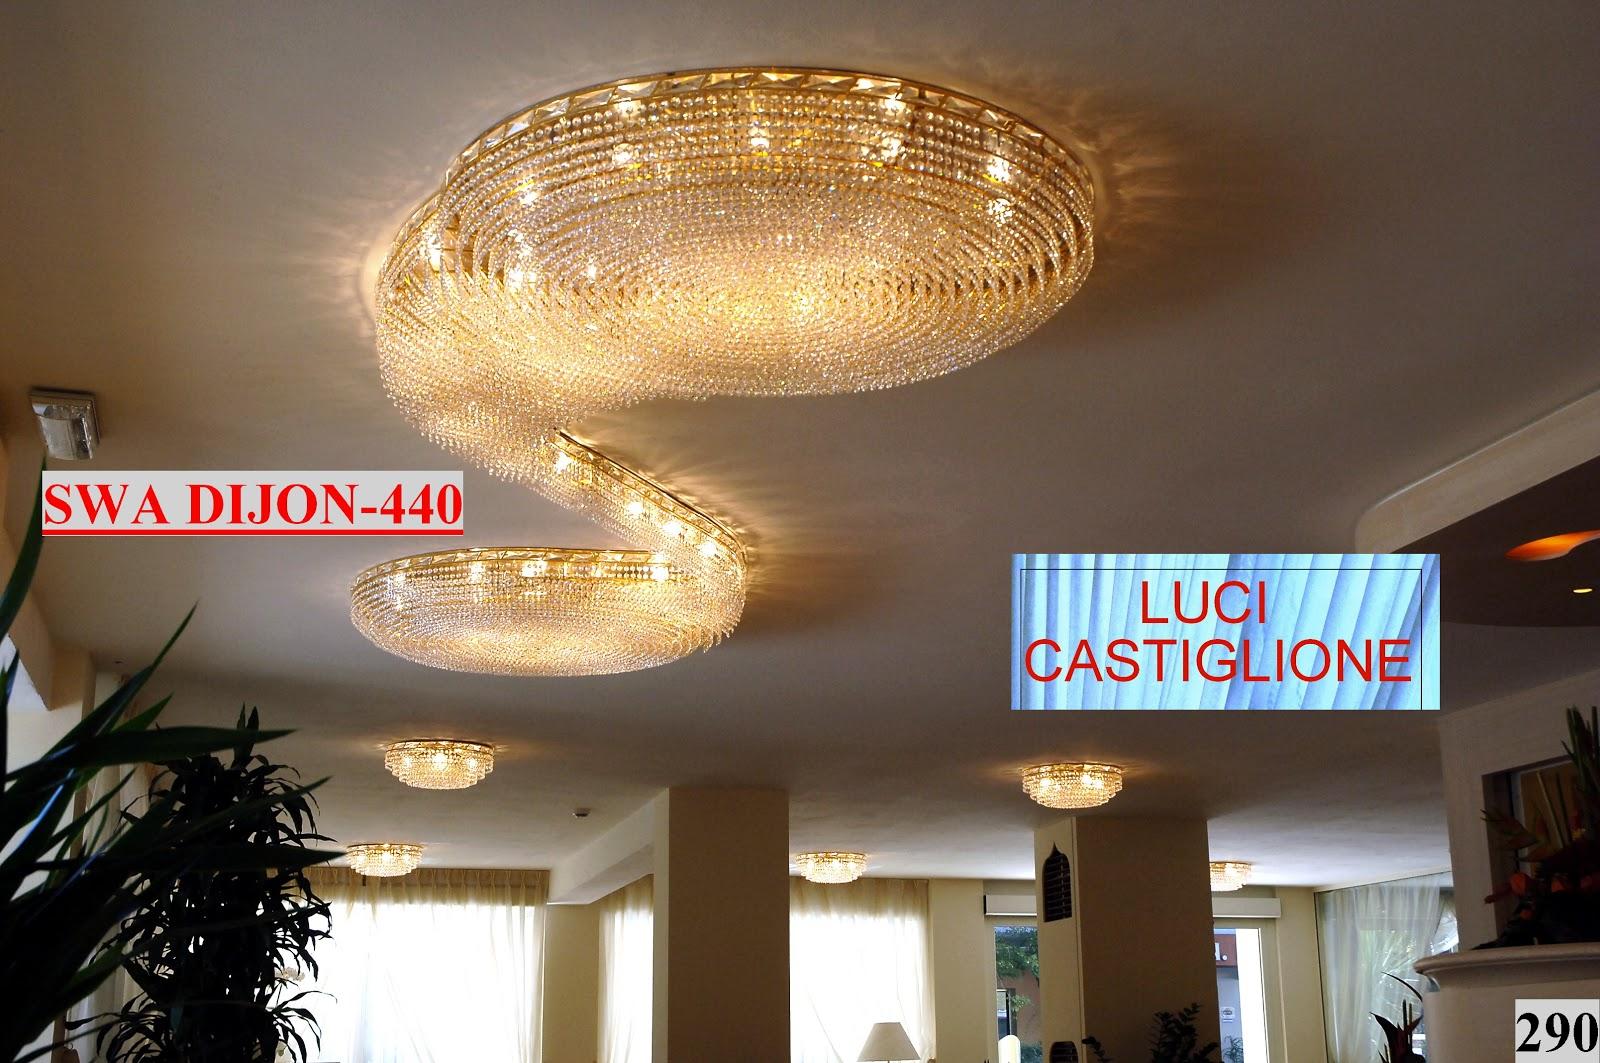 Lucicastiglione fabbrica lampadari: Lampadari per Alberghi